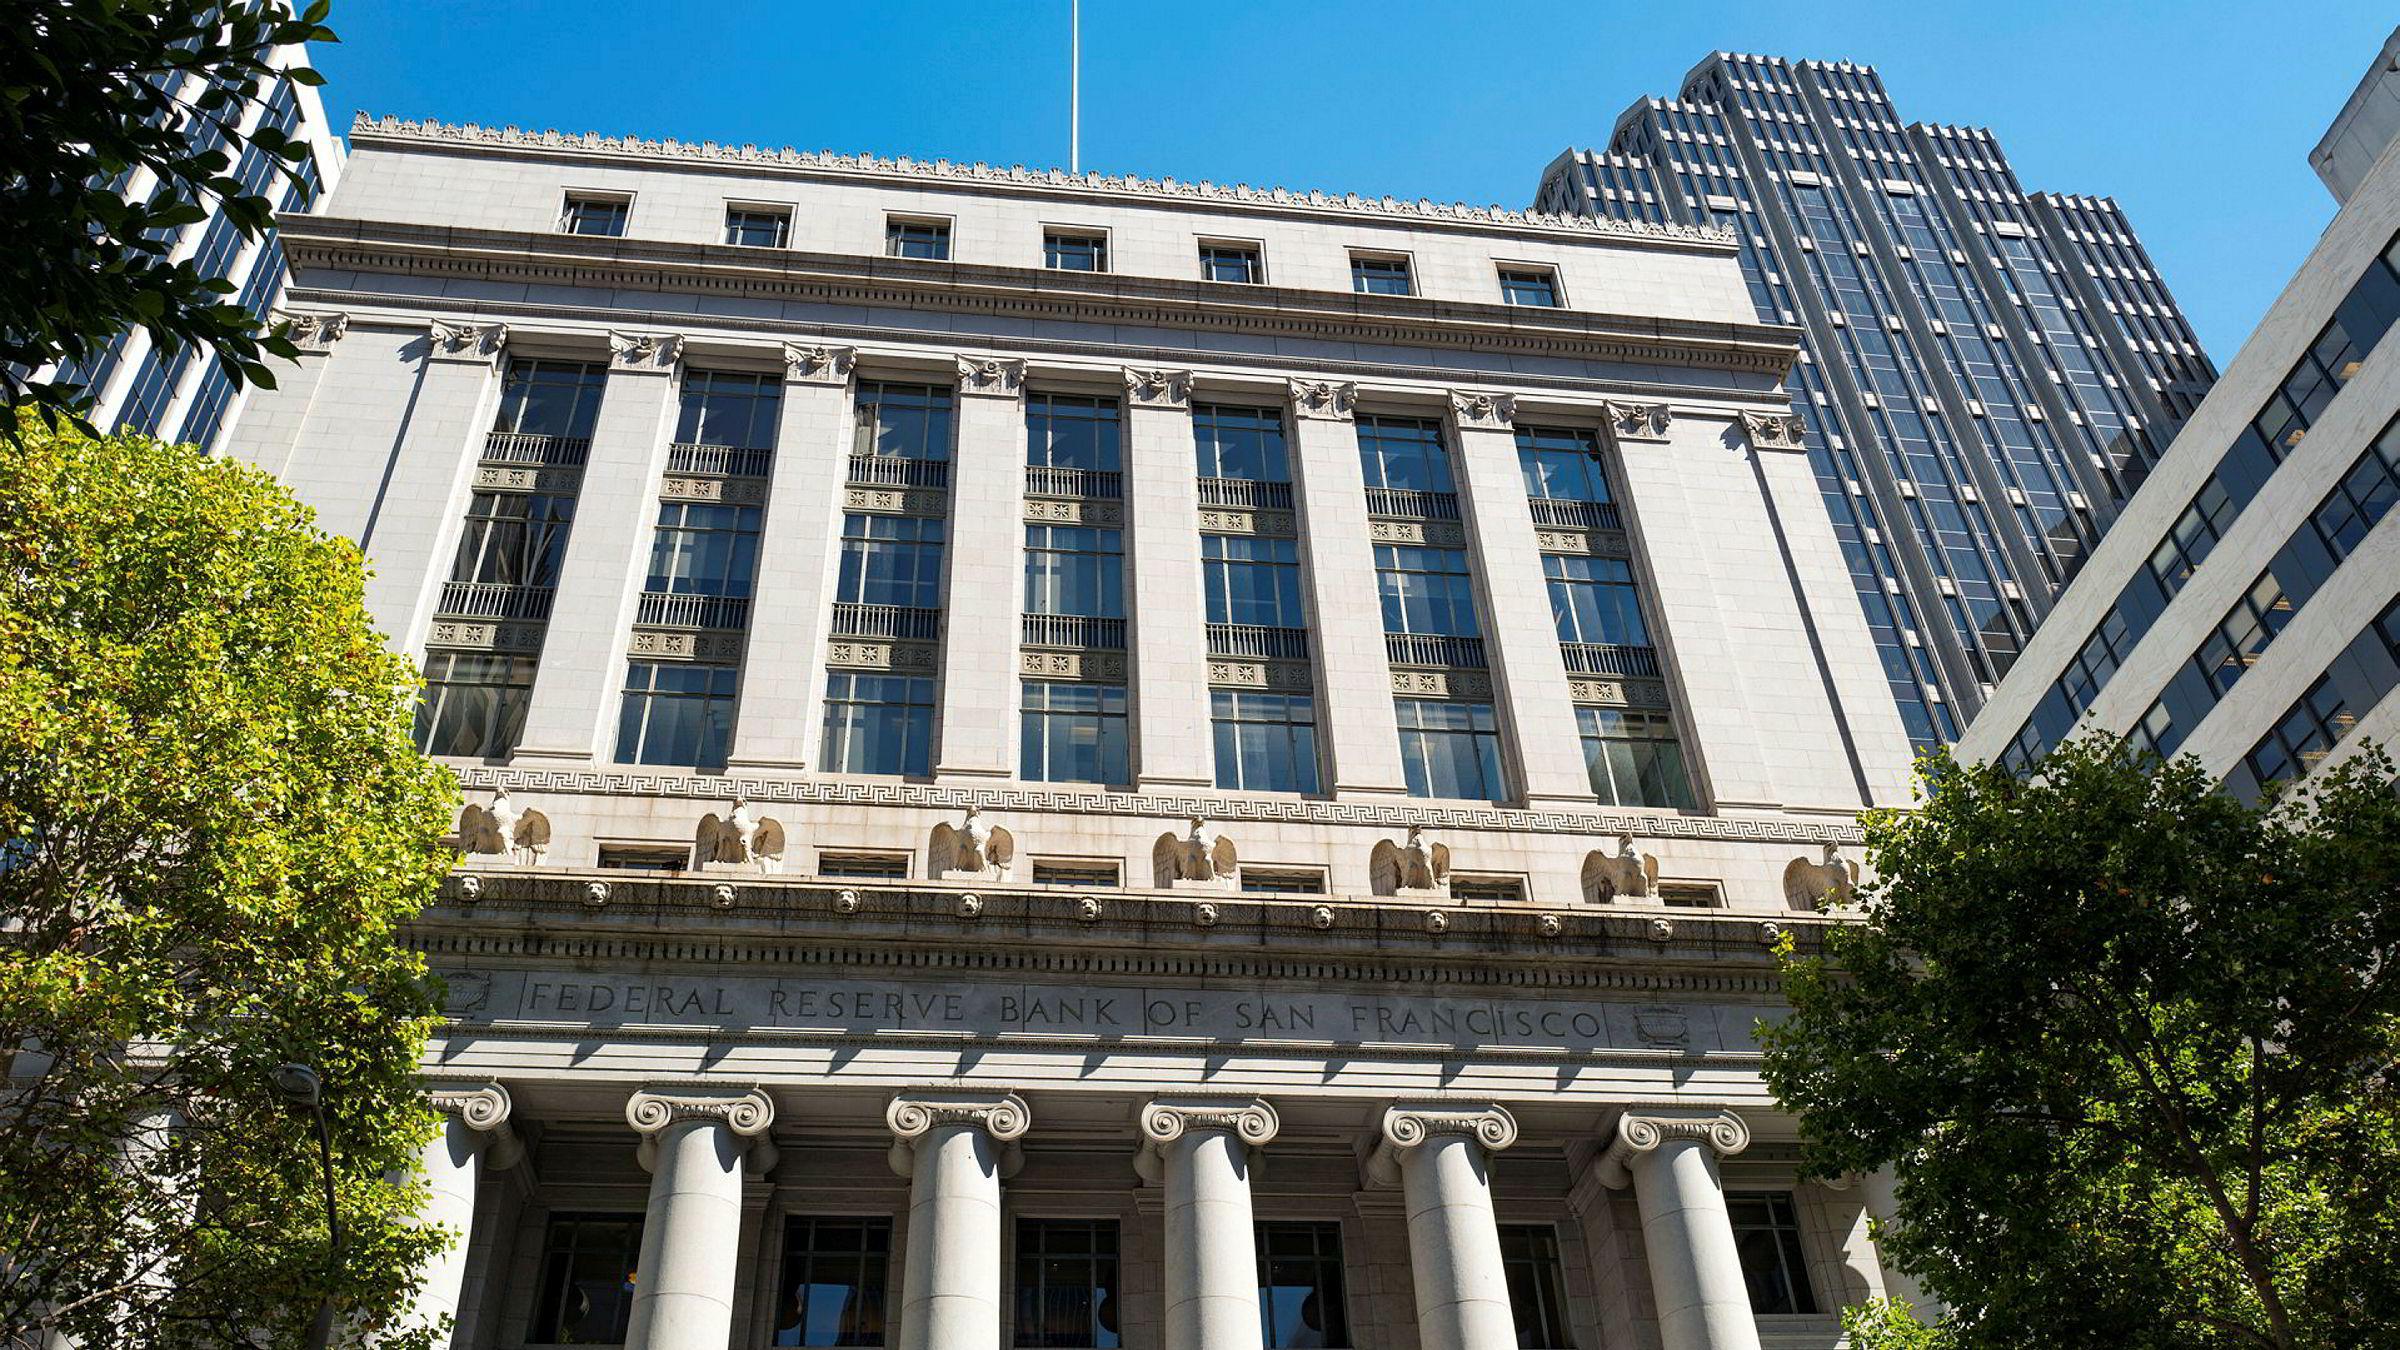 Mange bruker nøkkeltall til å si noe om aksjemarkedet, og en gjennomsnittlig strateg har et stort nøkkelknippe. Det er nesten alltid mulig å finne nøkkeltall som peker den ene eller den andre veien – samtidig. Her sentralbanken i San Francisco.